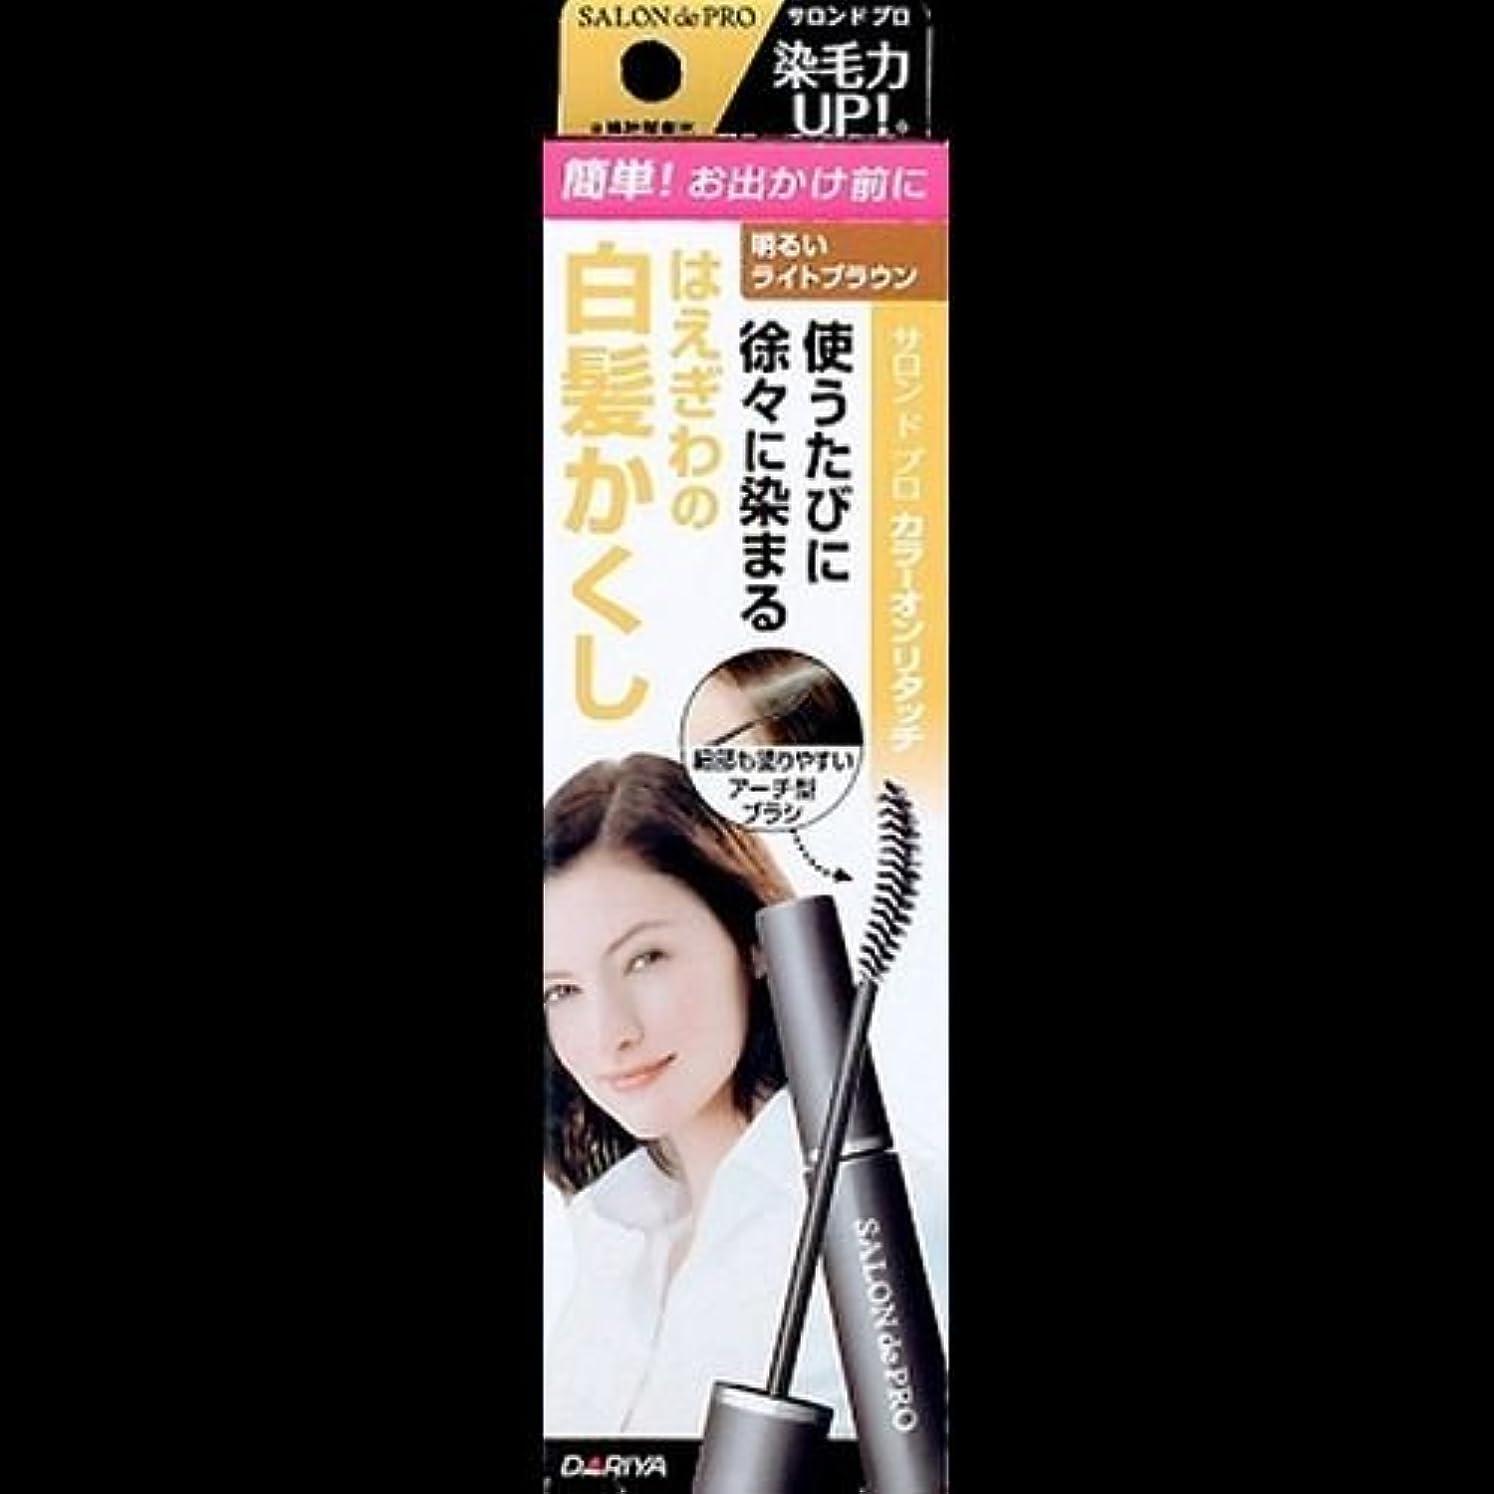 エキスパートますますパトロン【まとめ買い】サロンドプロ カラーオンリタッチ 白髪かくしEX 明るいライトブラウン 15ml ×2セット